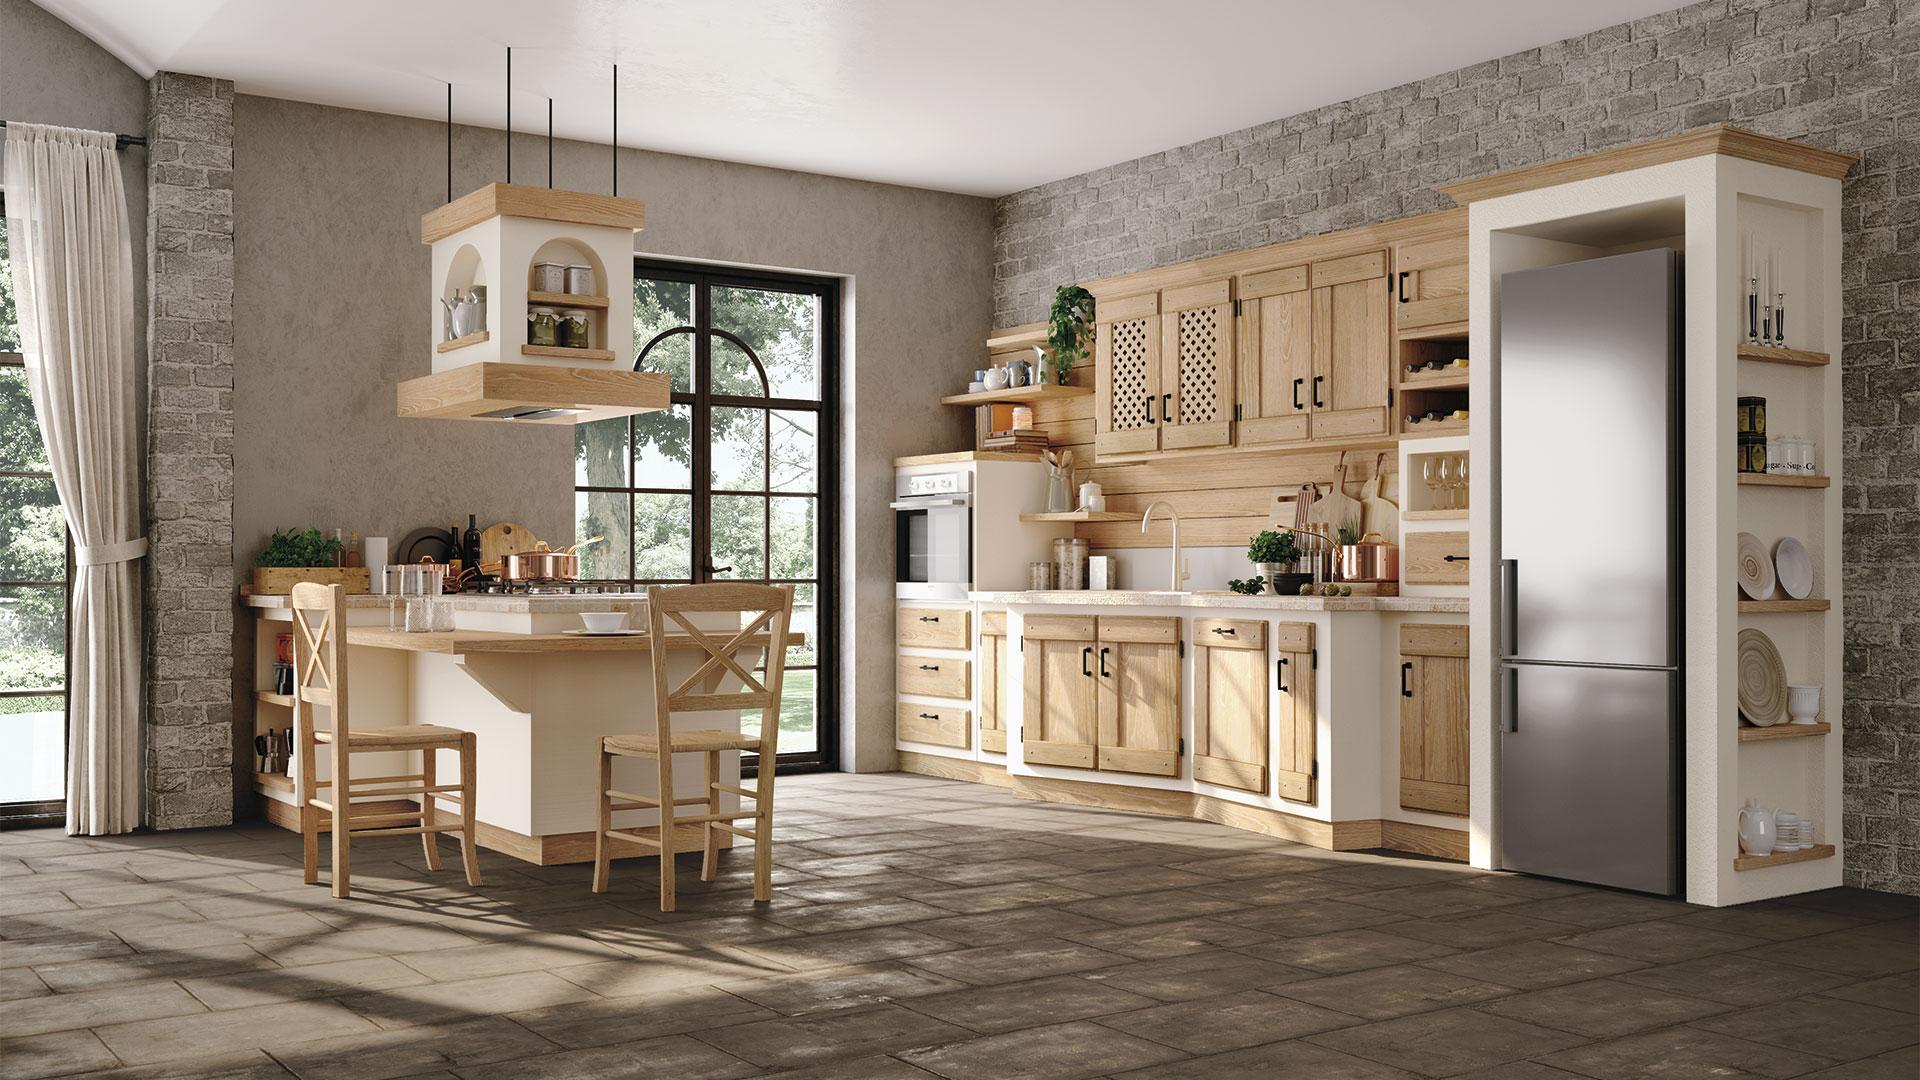 Cucina In Finta Muratura Bianca.Anita Cucine Borgo Antico Cucine Lube